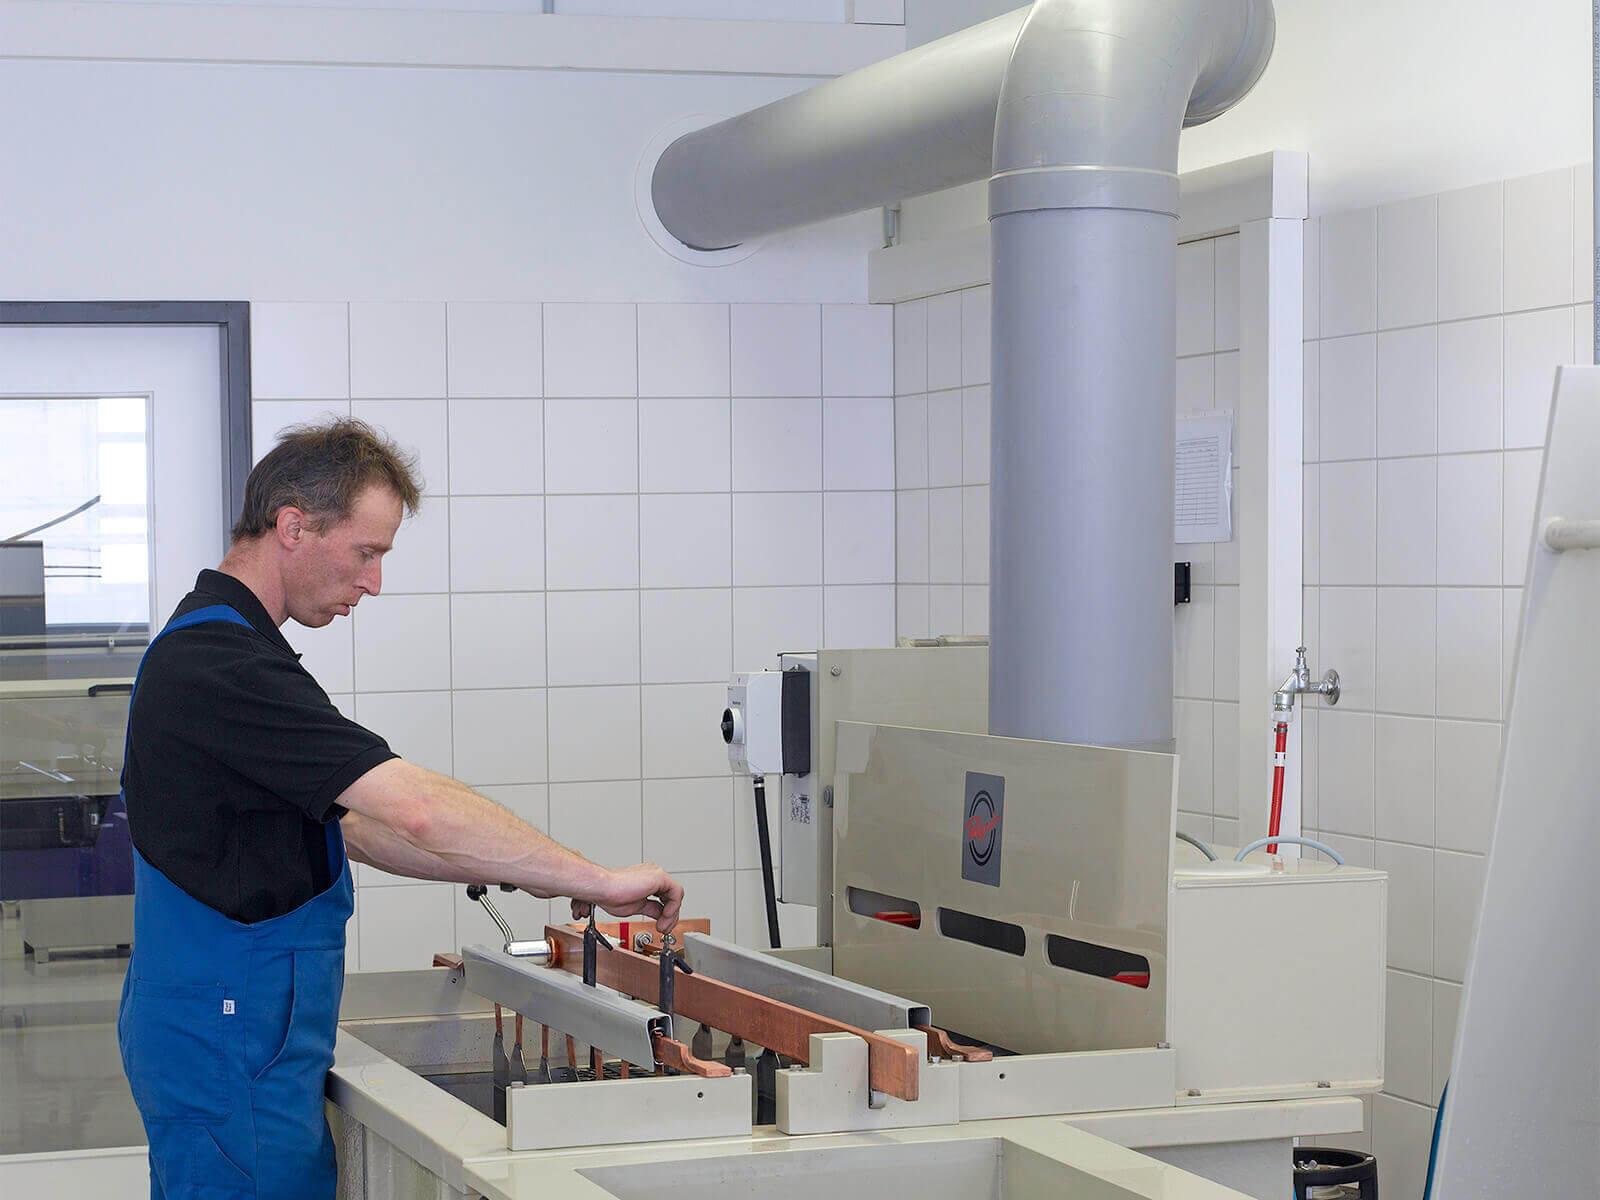 Absaugung und Filtration von Staub in der Medizintechnik